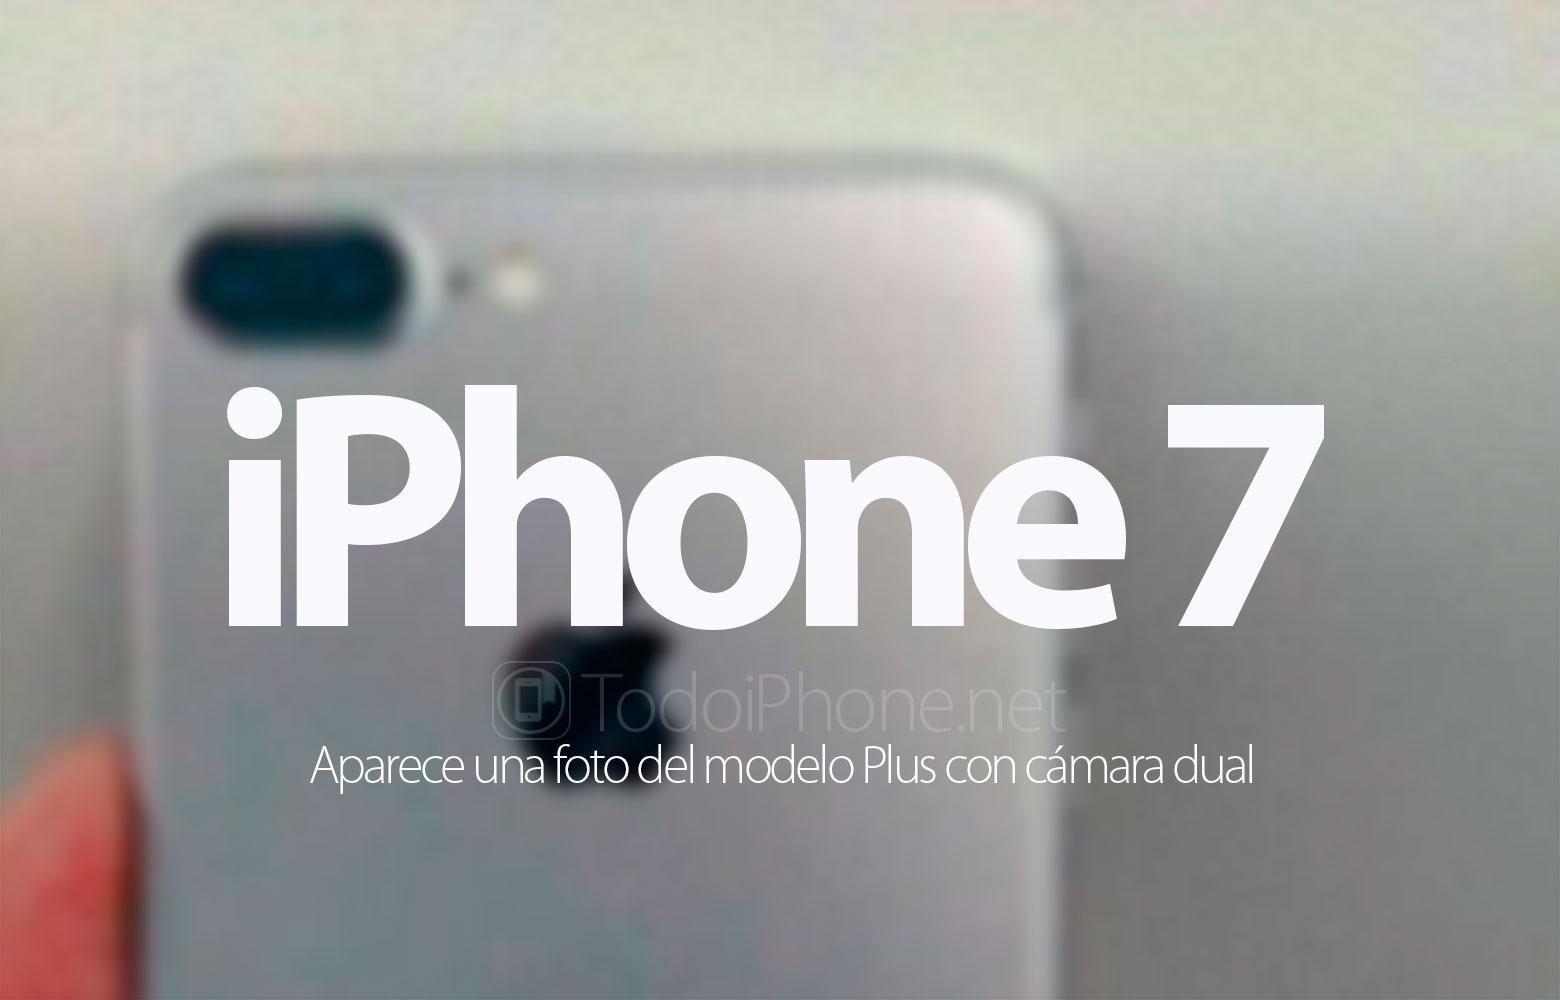 iphone-7-plus-posible-foto-camara-dual